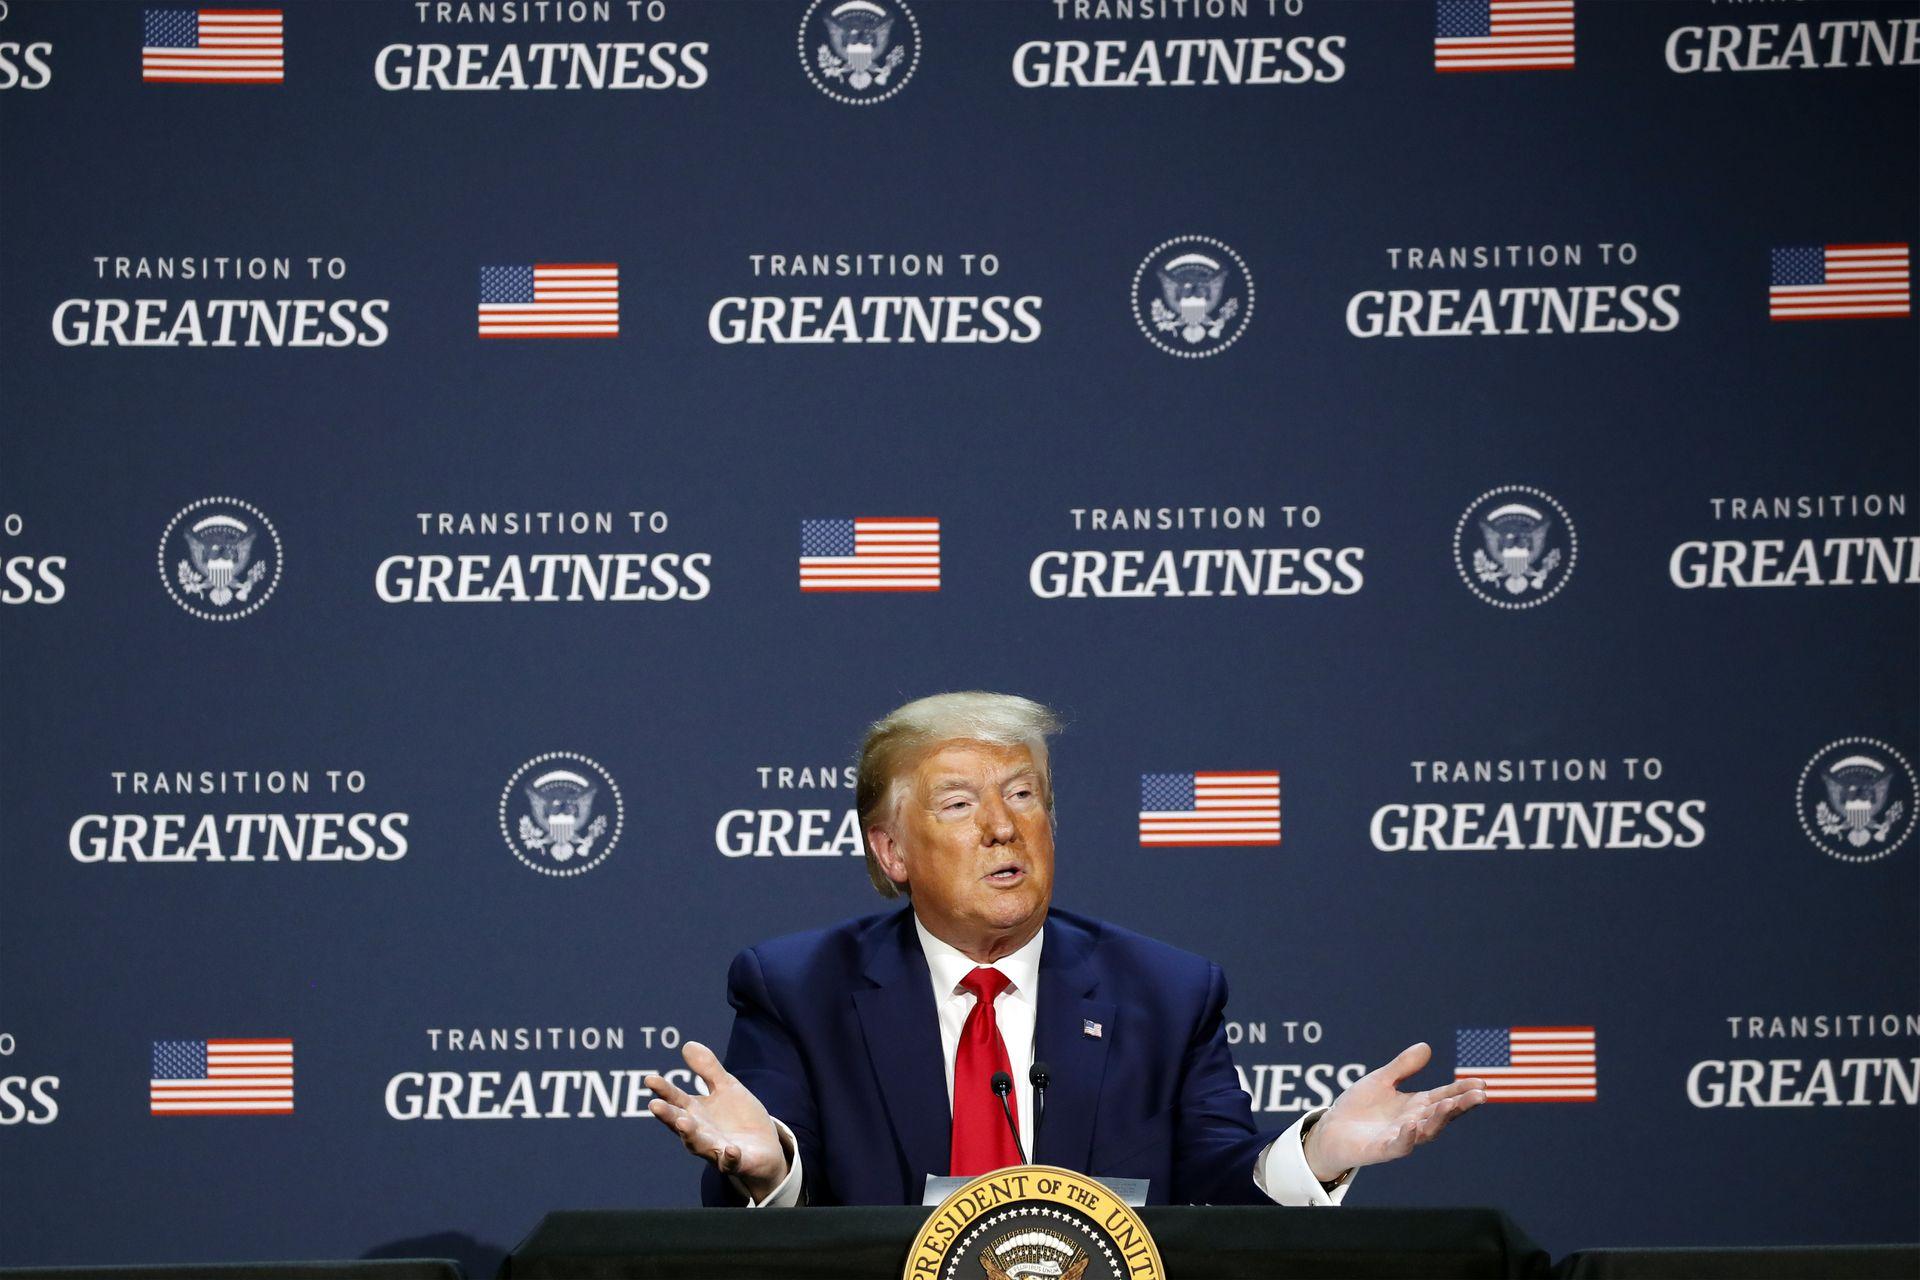 """特朗普谋求""""让美国再次伟大"""",但他能否交出一份让选民满意的答卷令人怀疑。(AP)"""